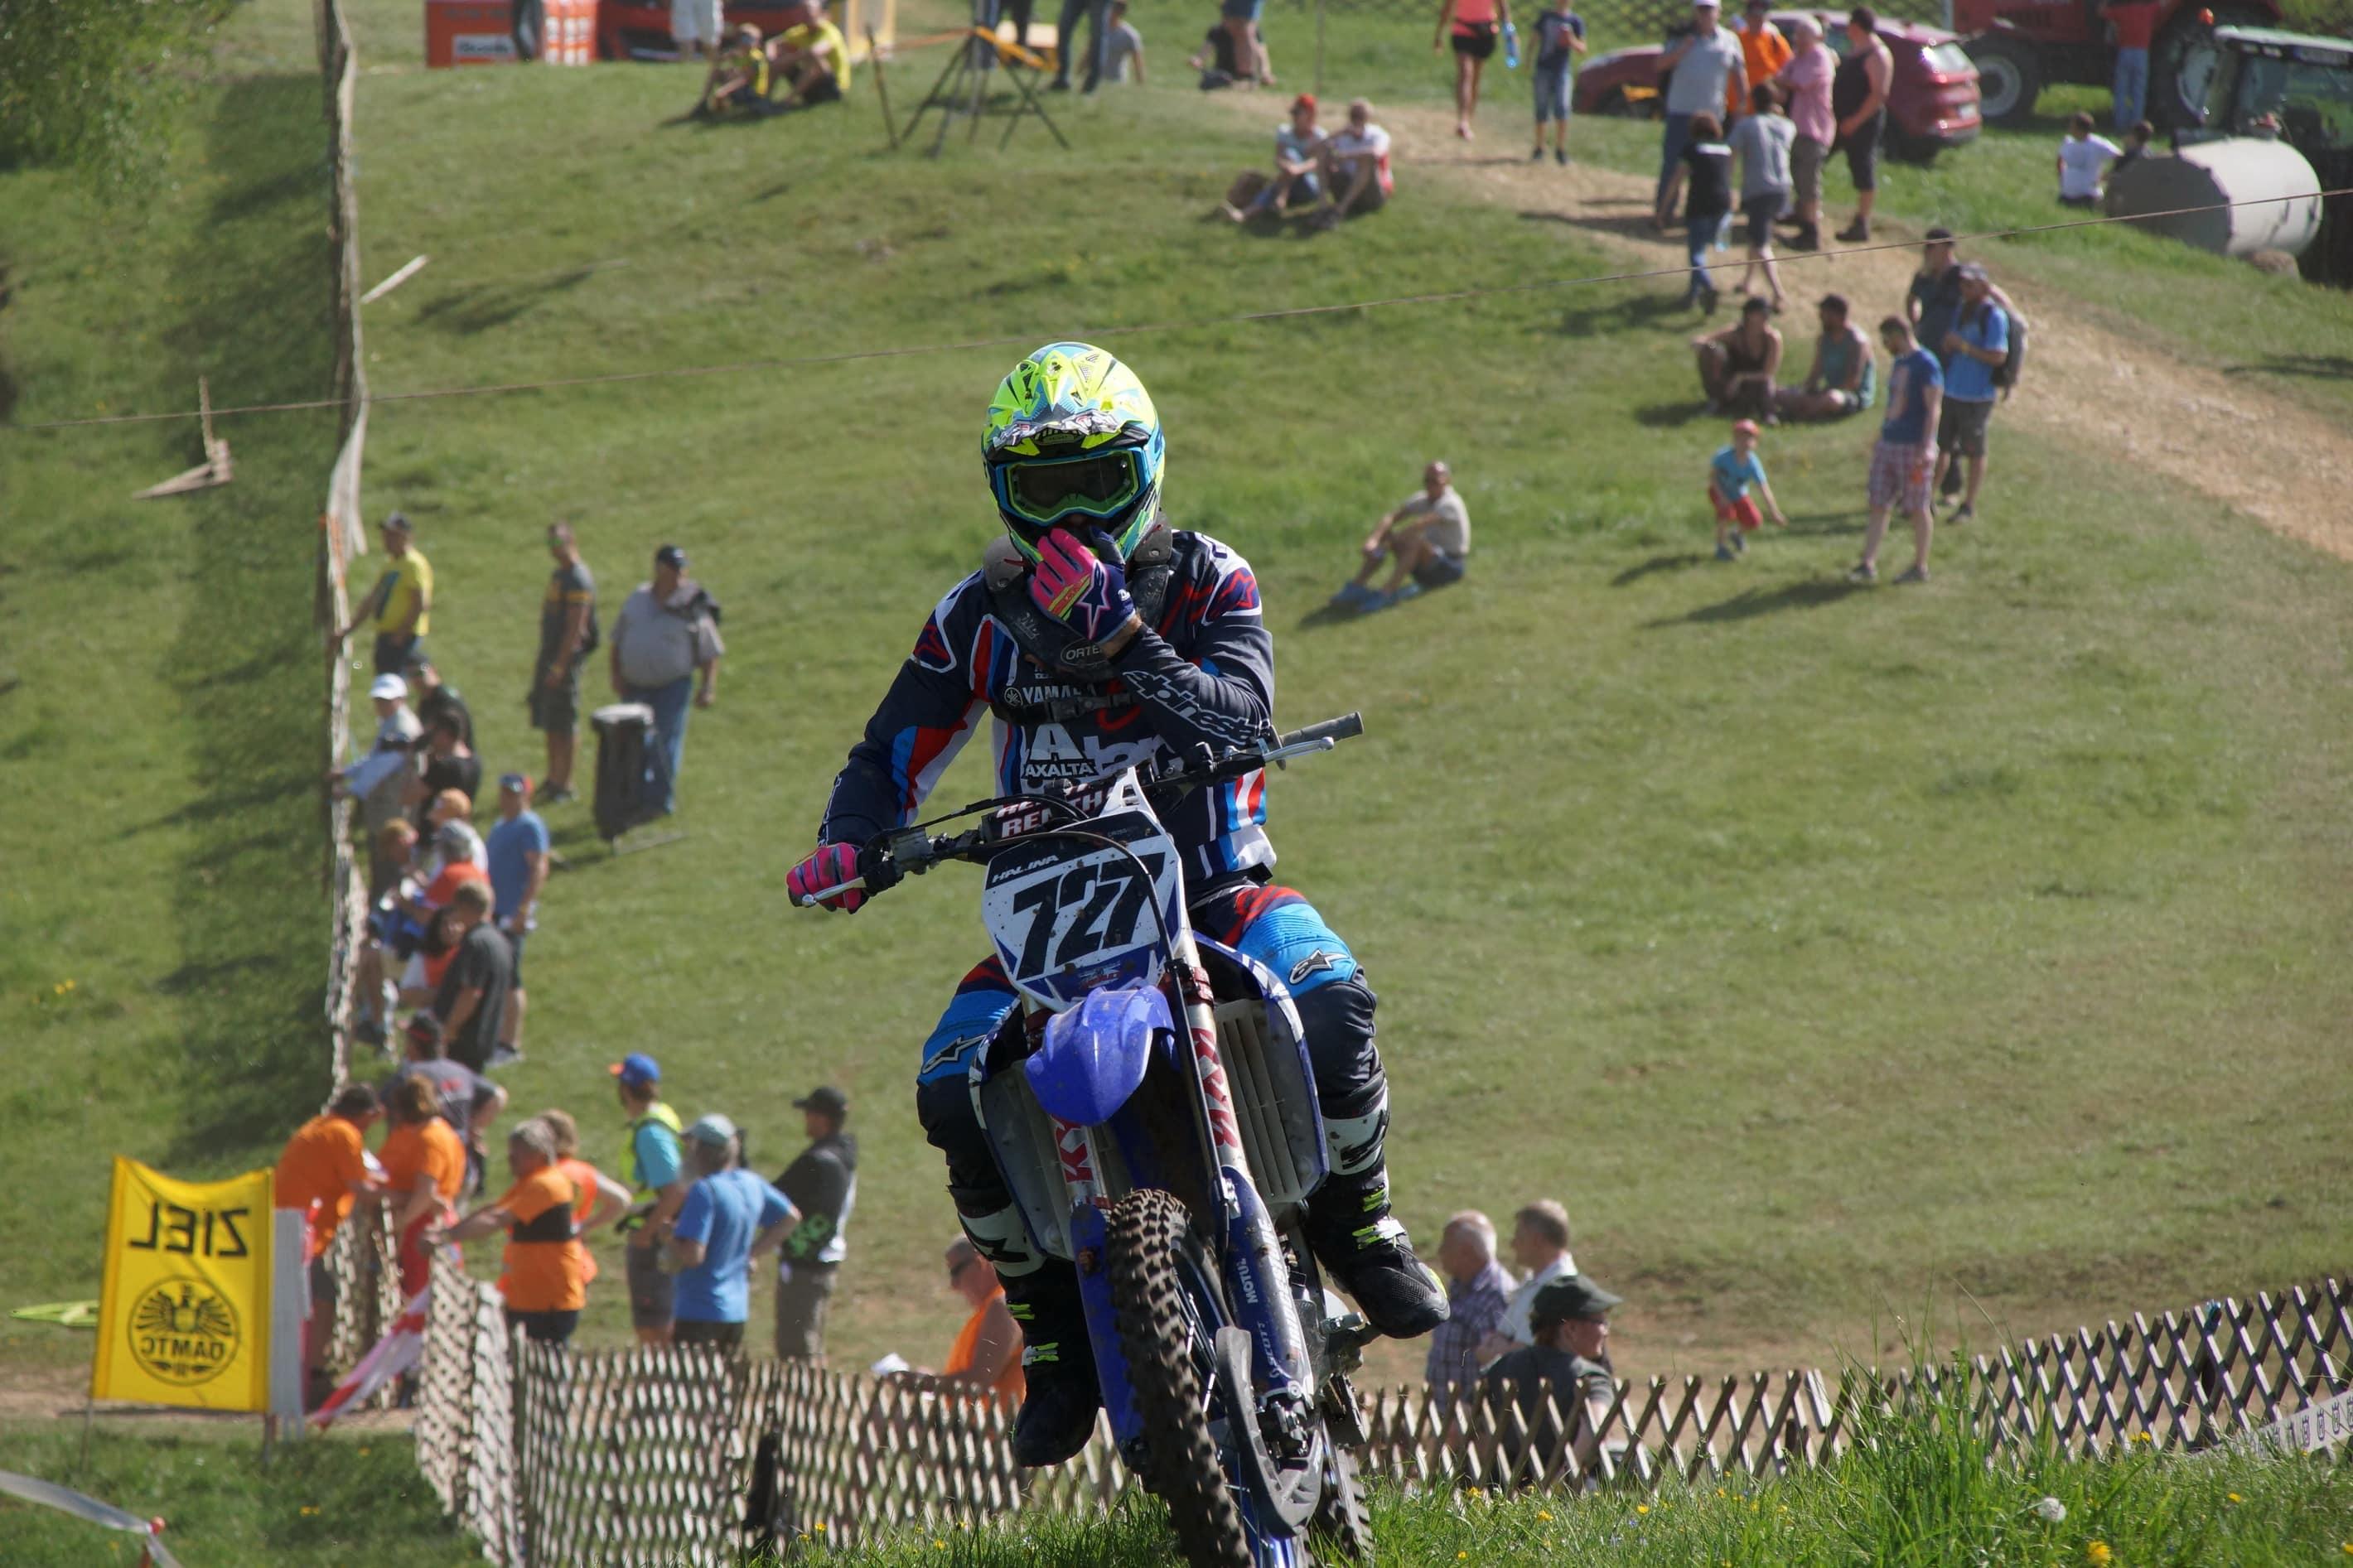 DSC1010_Moto Cross Sittendorf